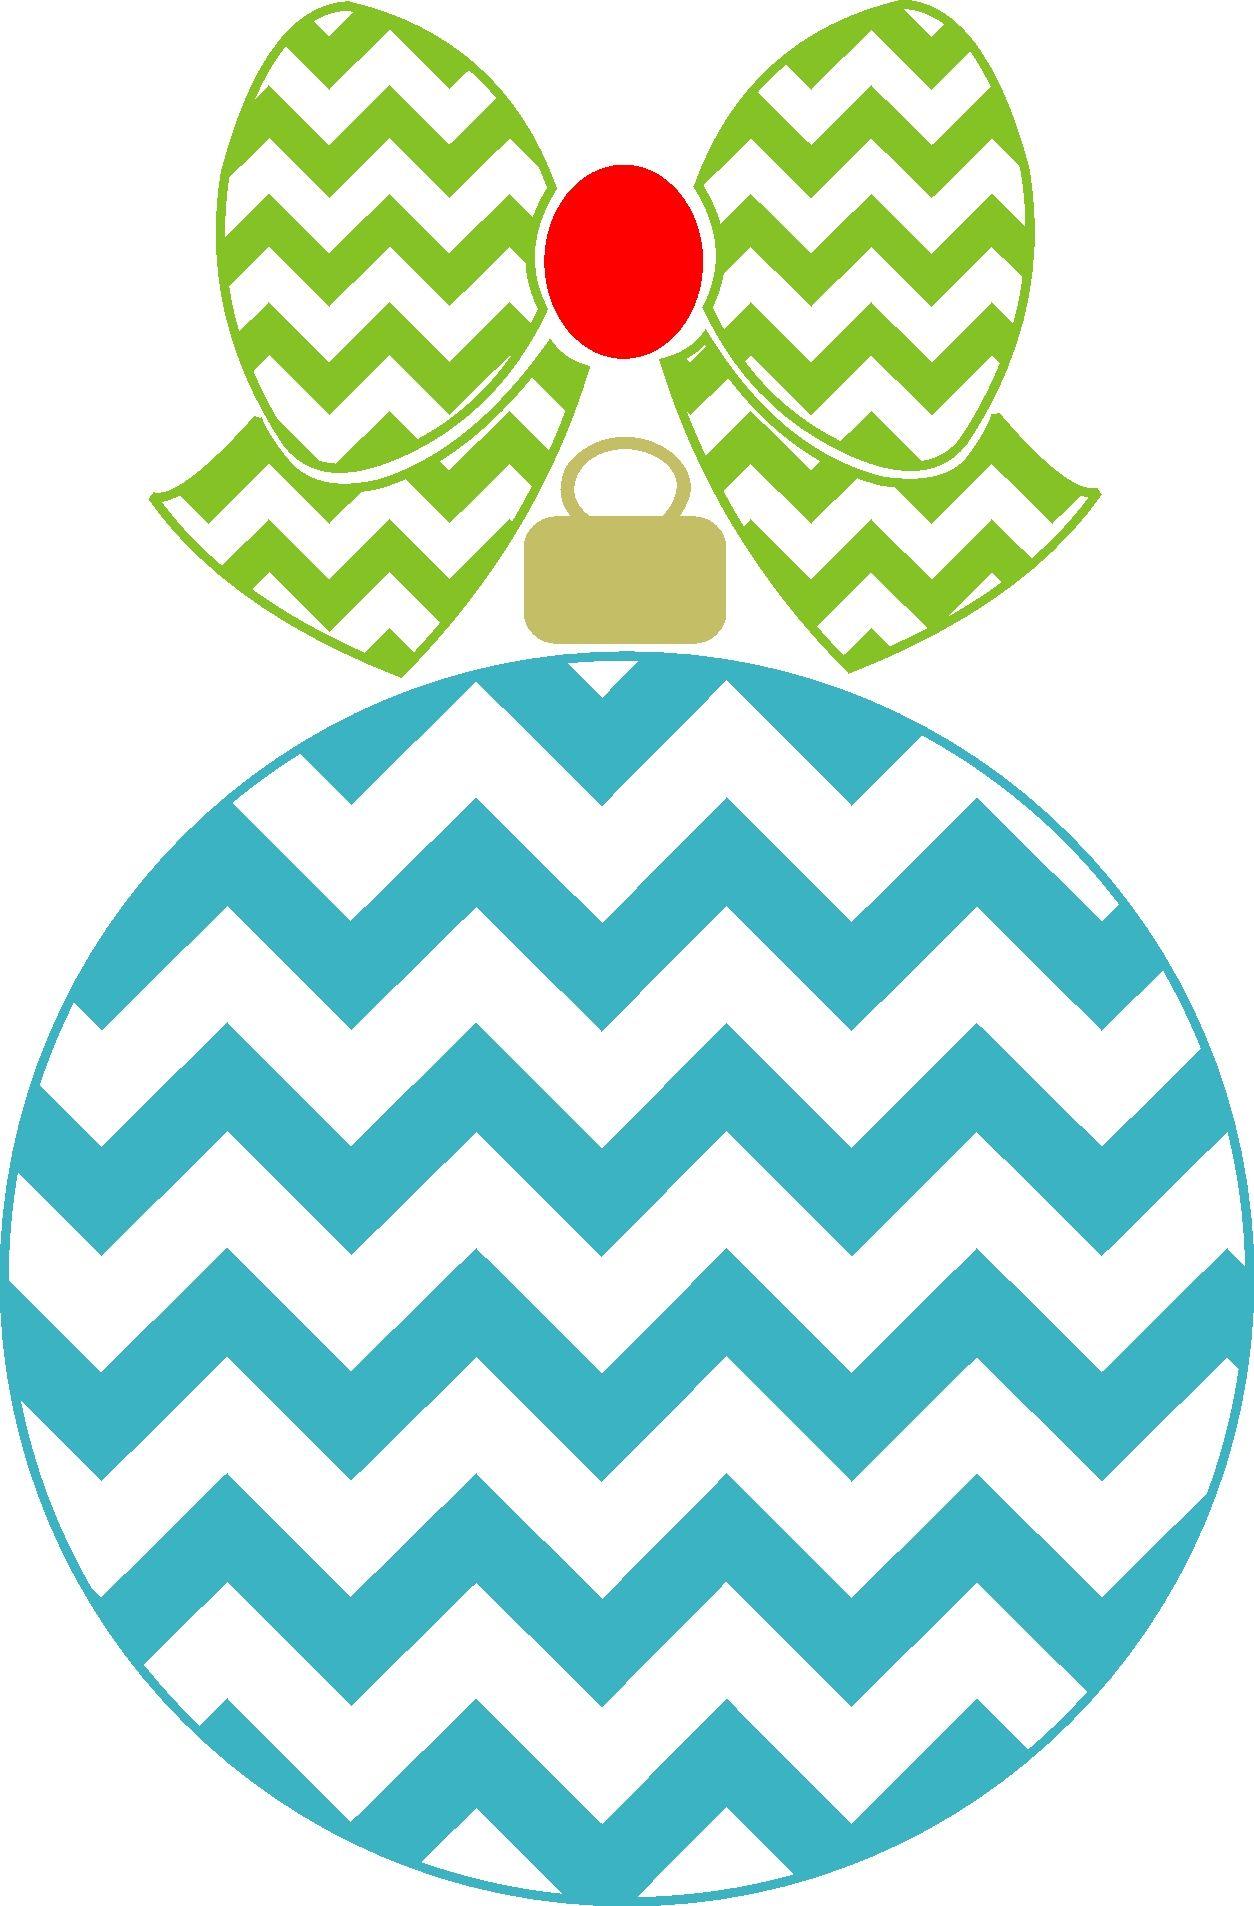 Chevron Ornament with Chevron bow Christmas chevron